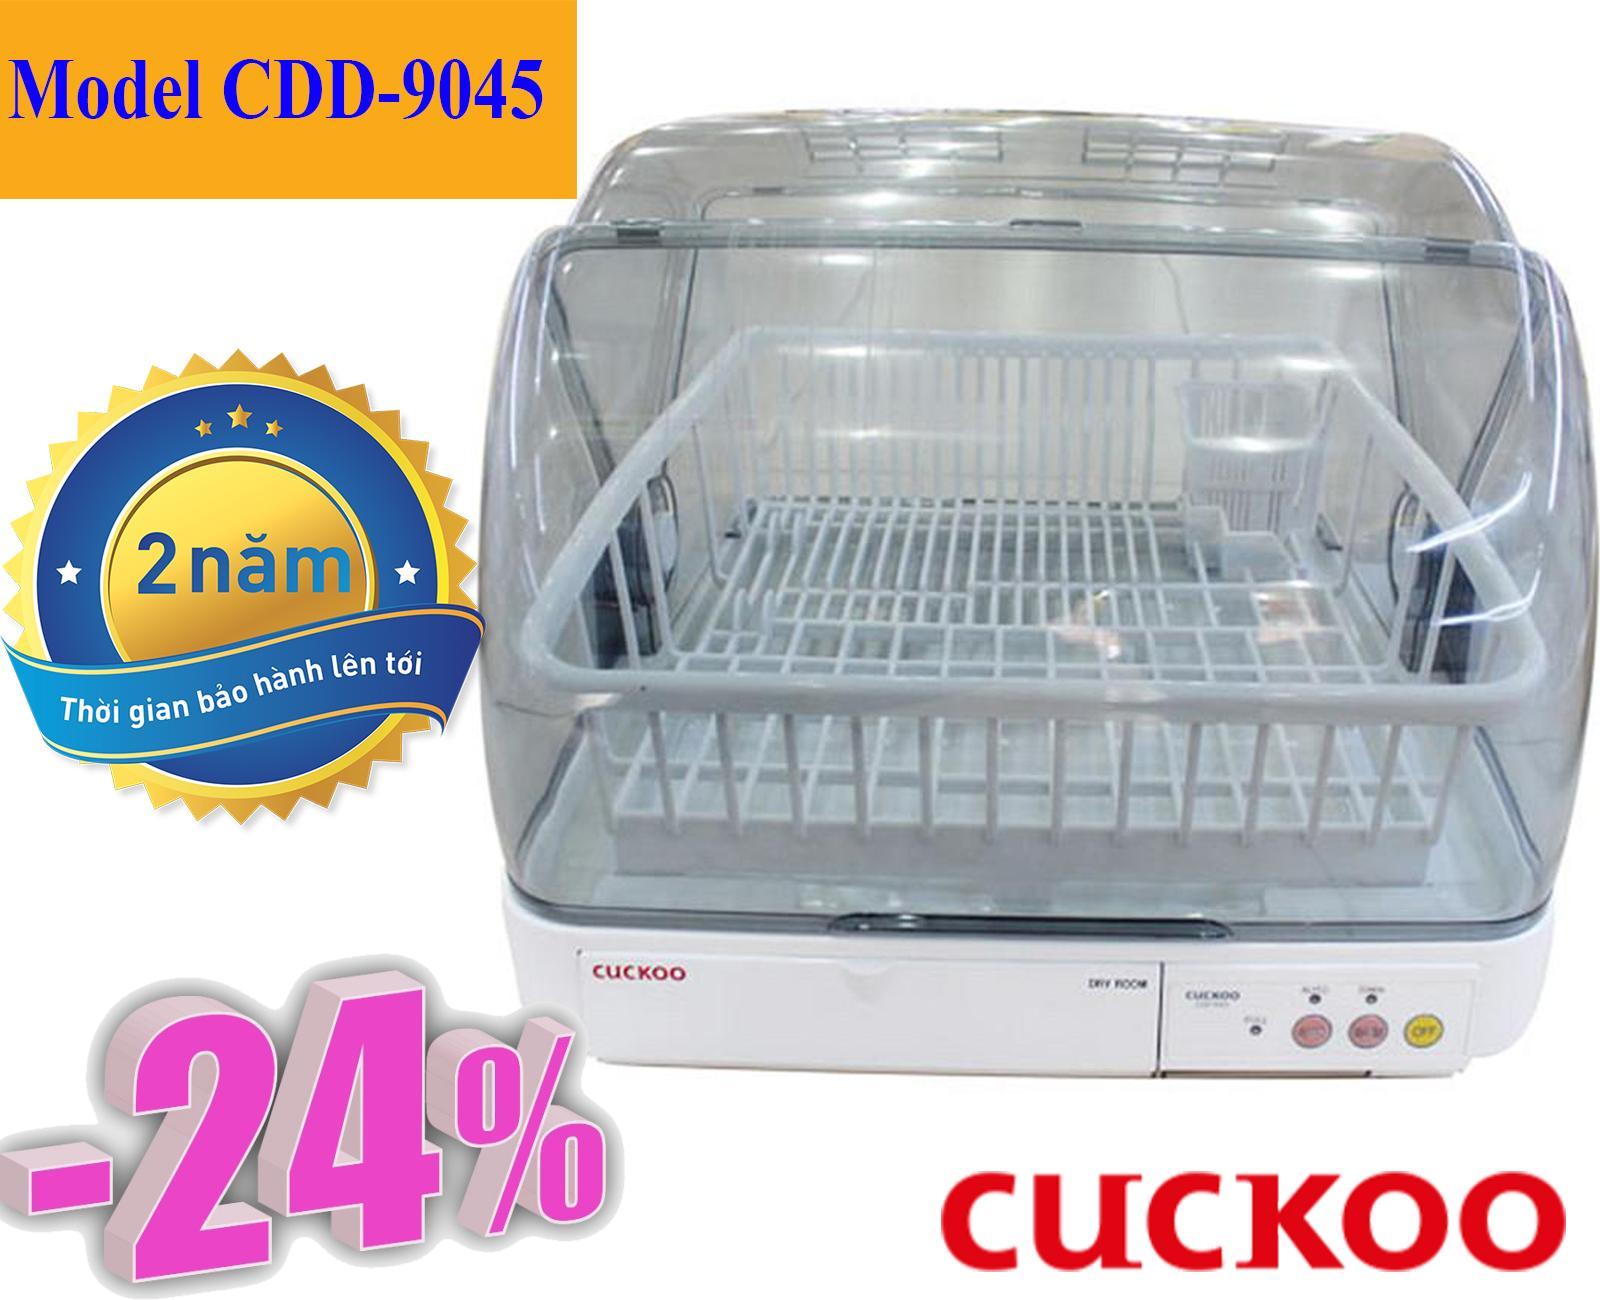 Hình ảnh Máy sấy bát Cuckoo CDD-T9045 Hàn Quốc, Sấy nhanh, Tiết kiệm điện